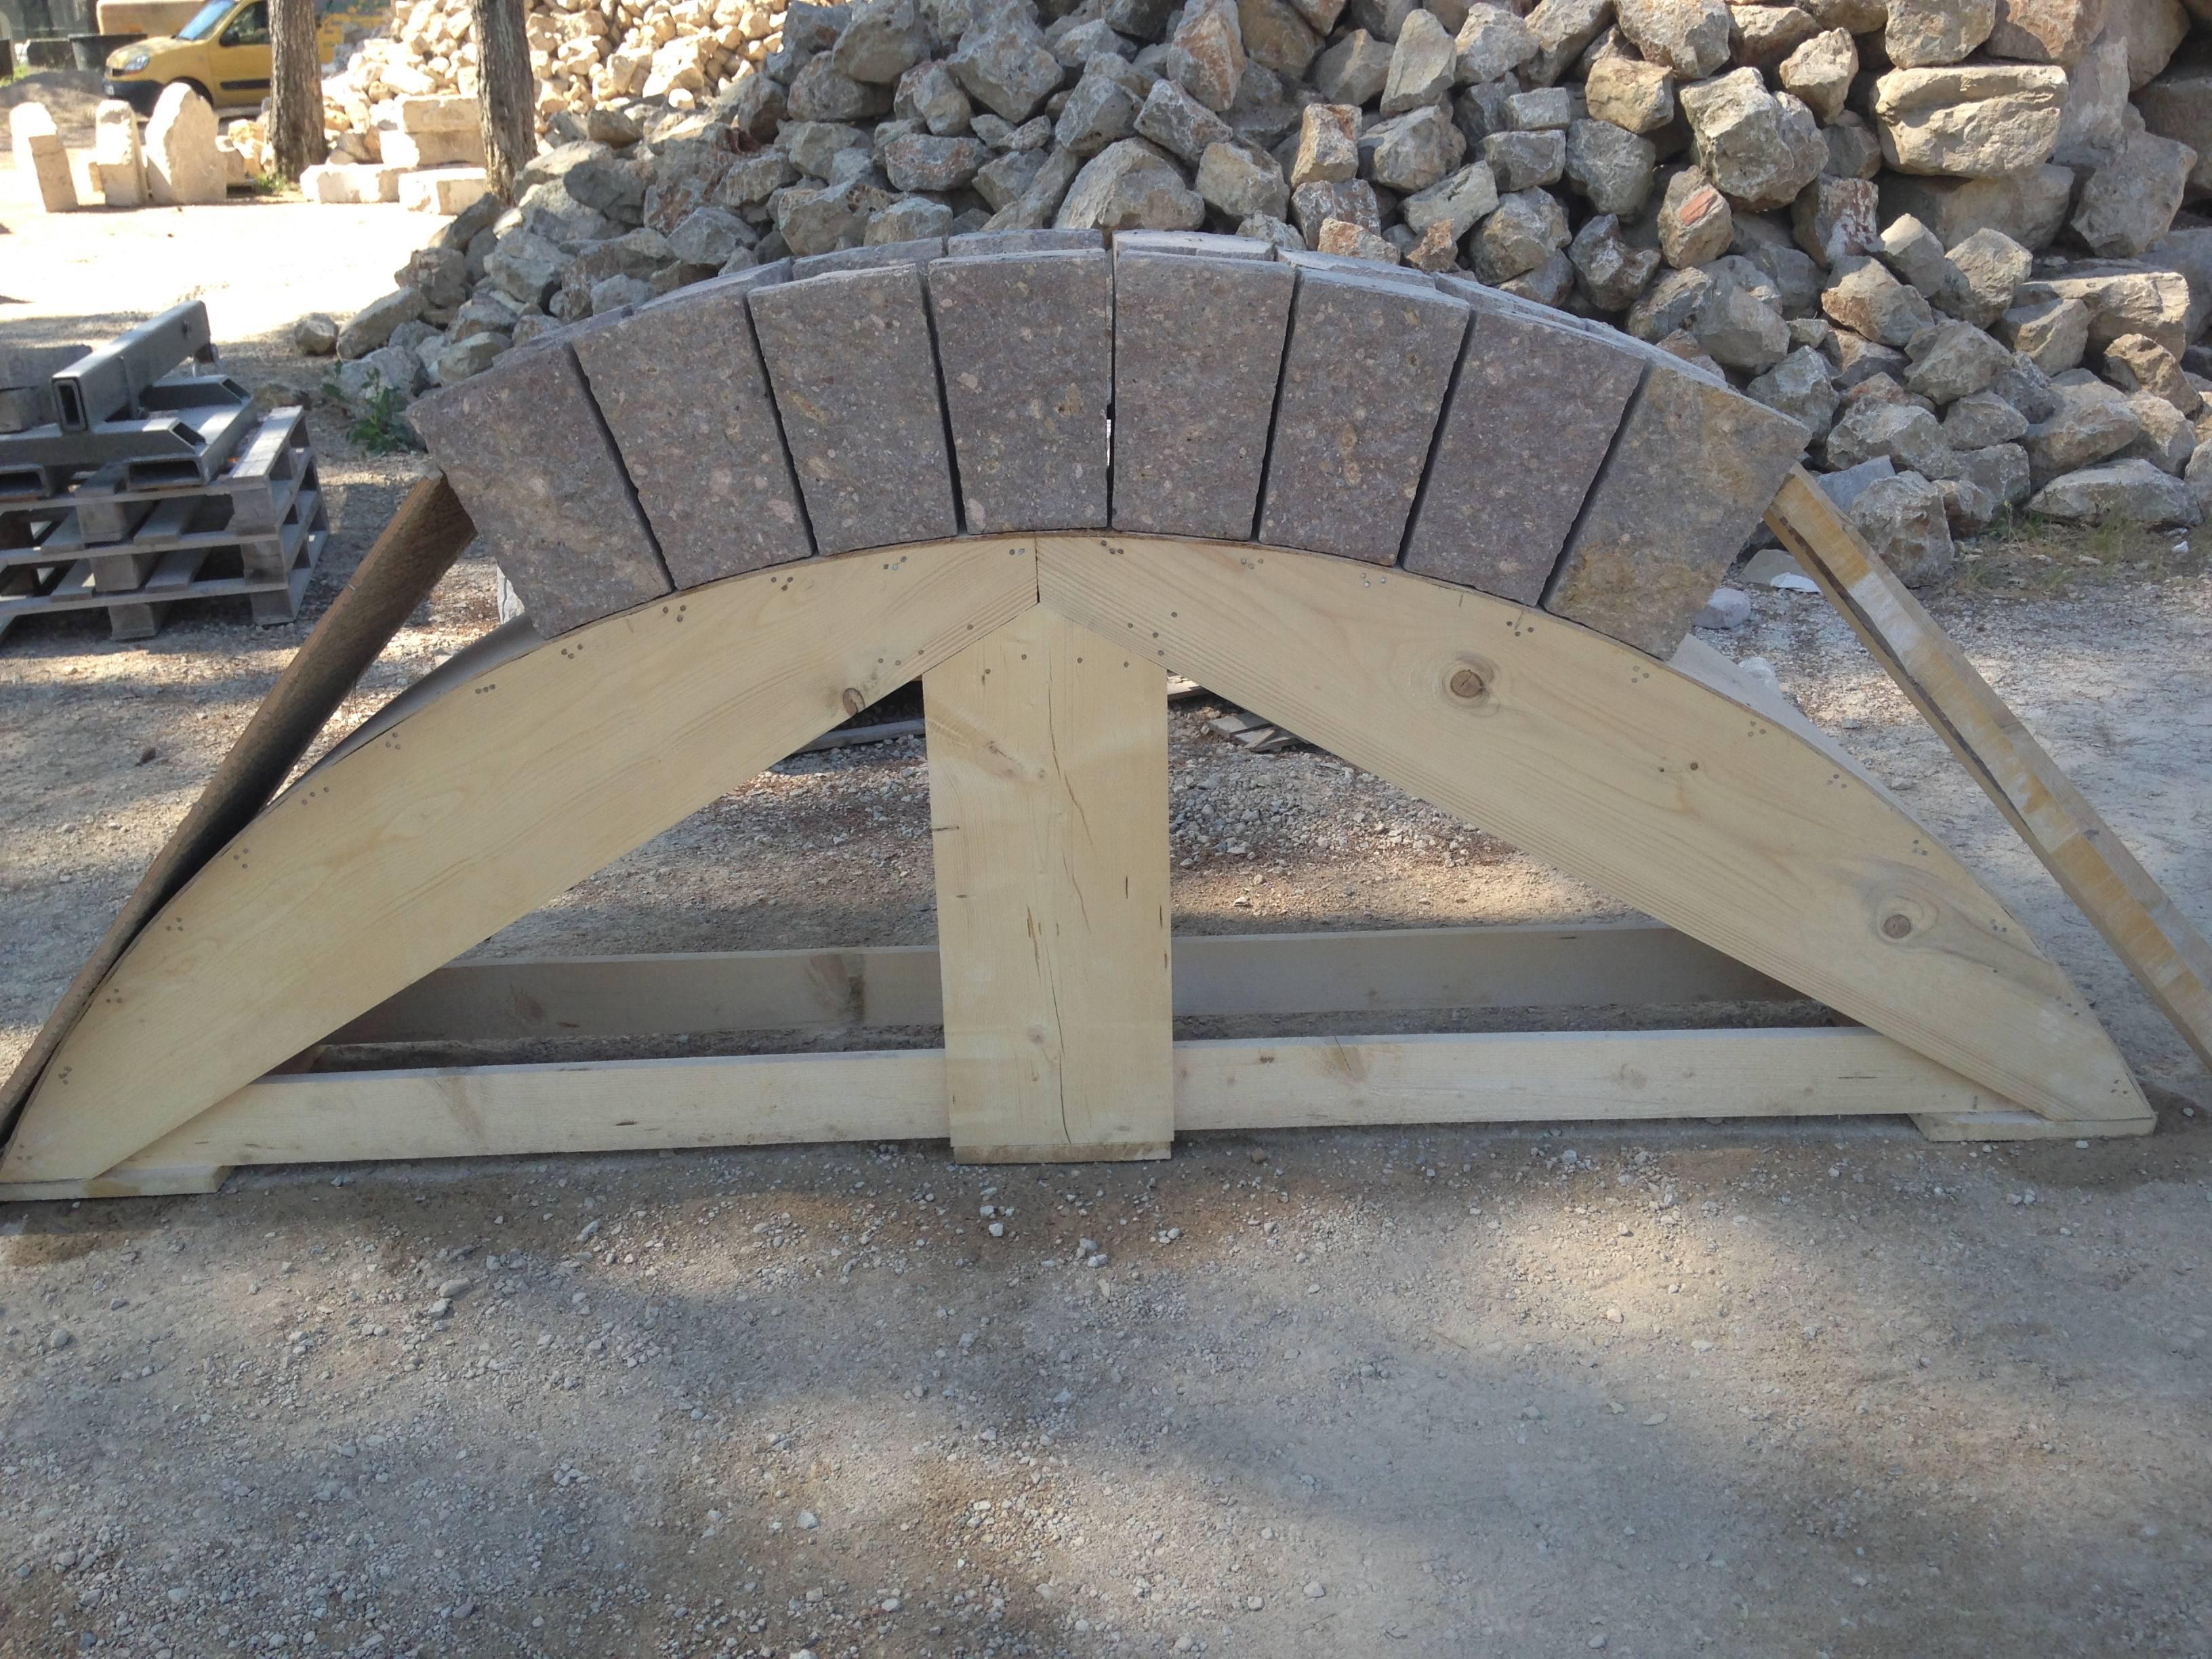 Façonnage des blocs sur gabarit bois